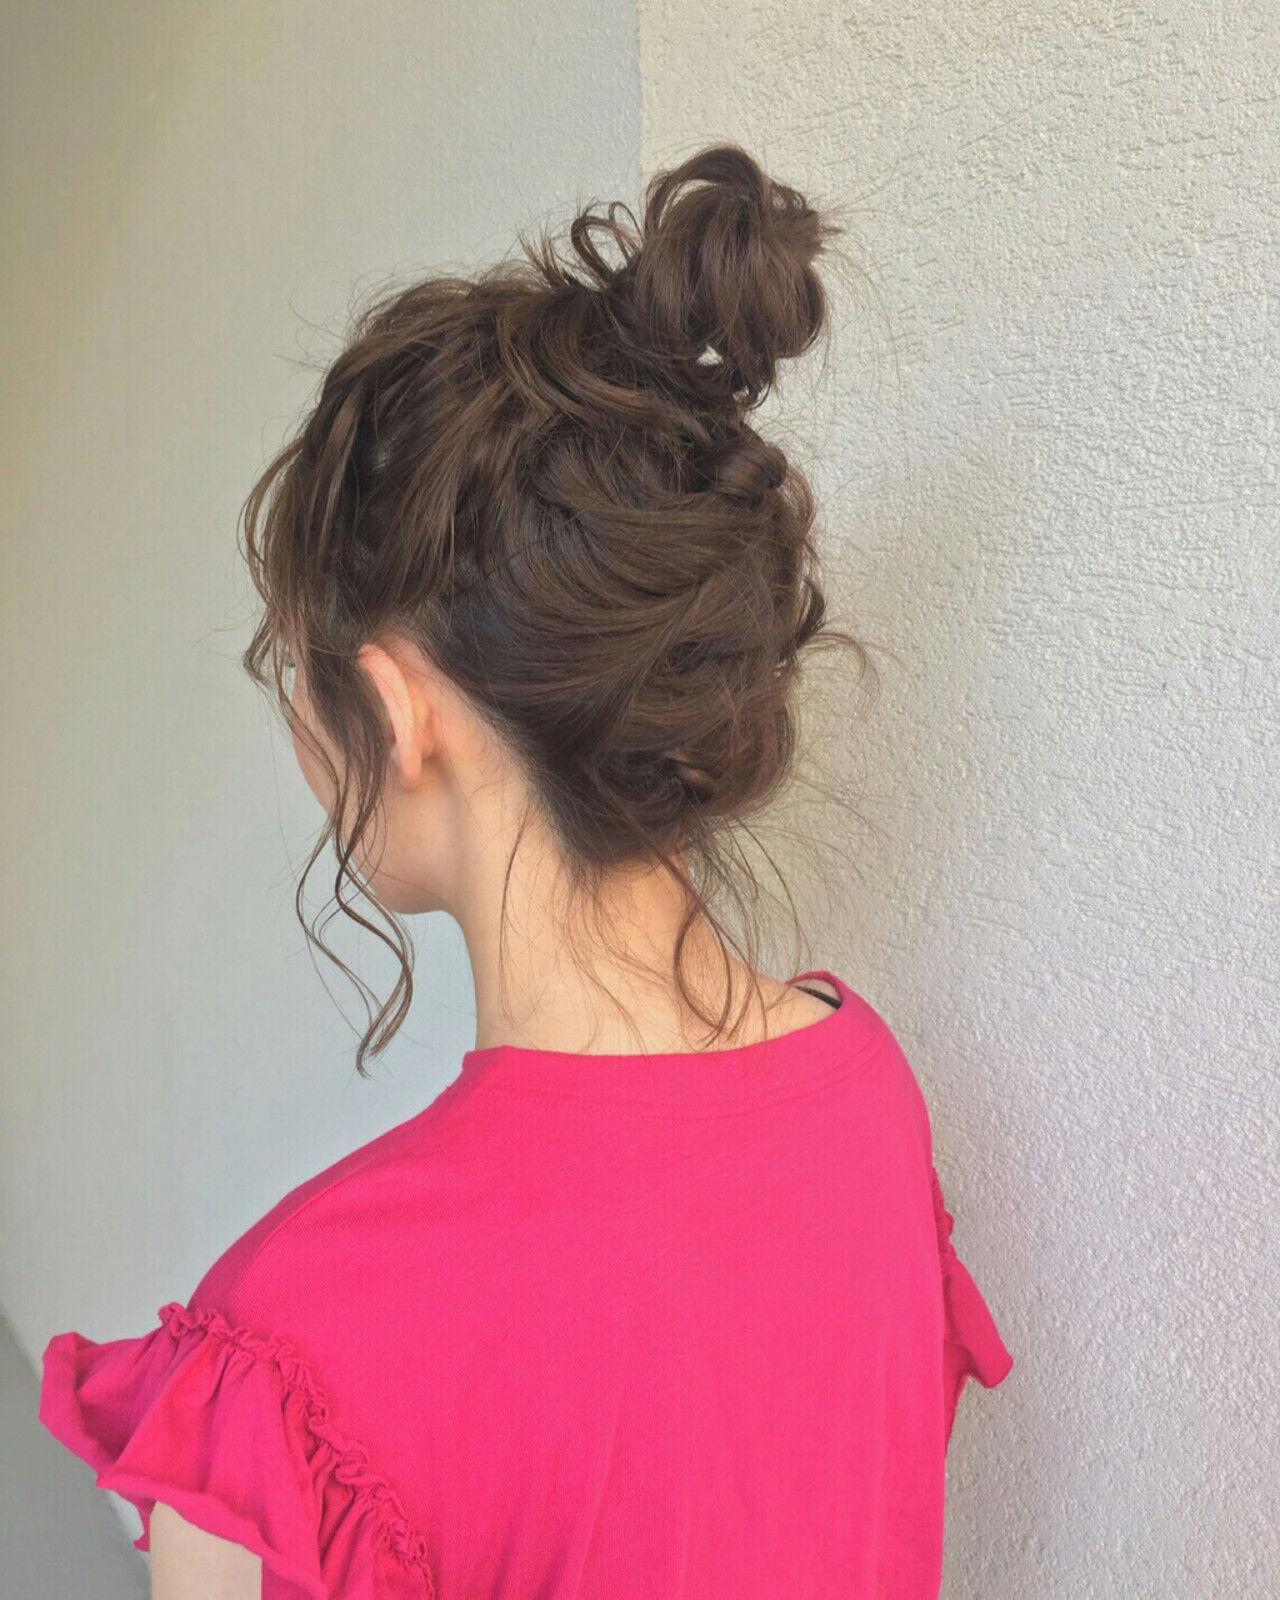 ガーリー 簡単ヘアアレンジ セミロング アウトドアヘアスタイルや髪型の写真・画像